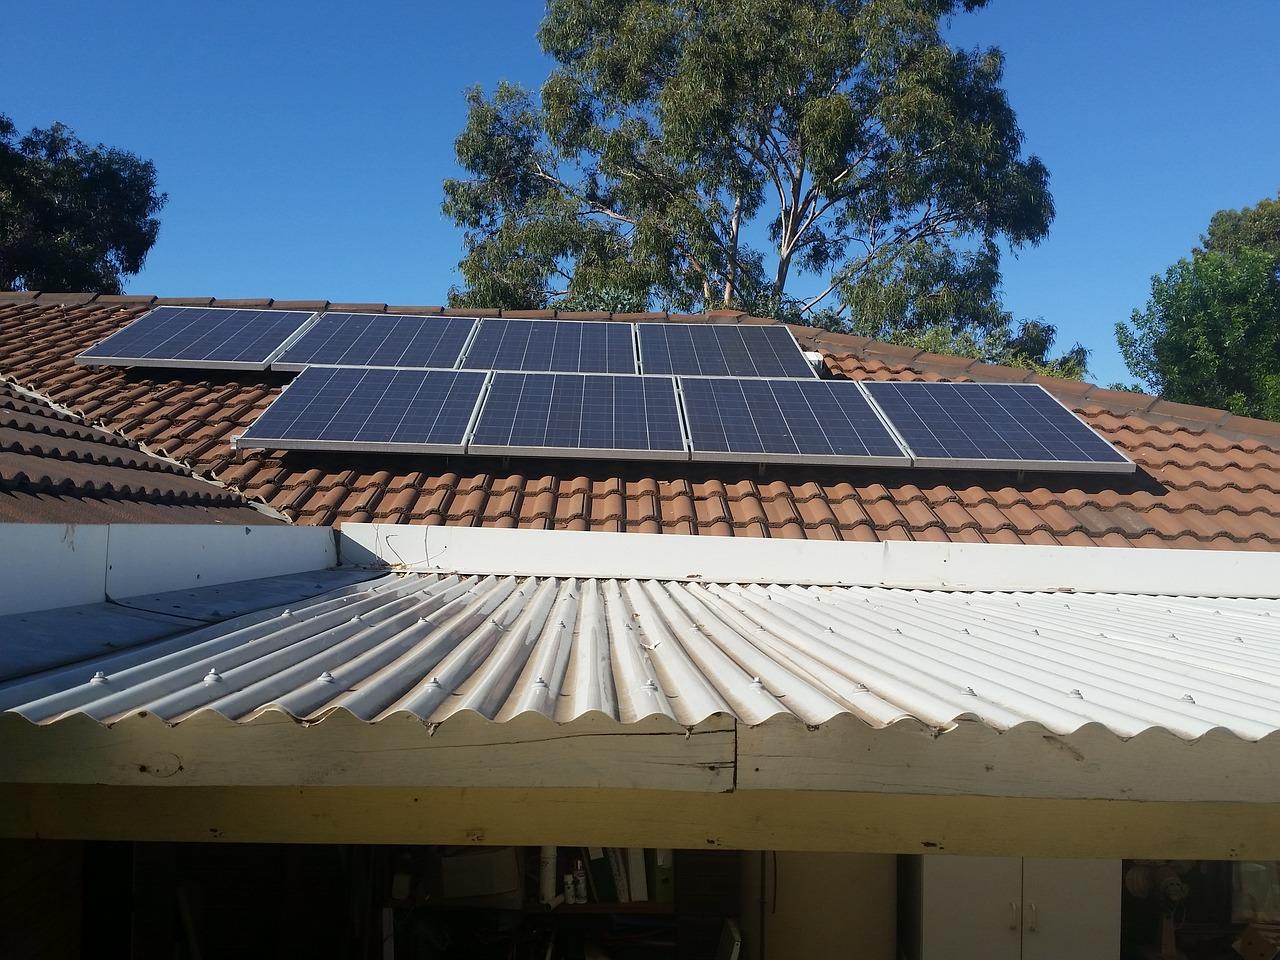 """Attenzione, quello che segue è un messaggio truffa: """"fotovoltaico, indipendenza energetica a soli 98 euro al mese"""""""